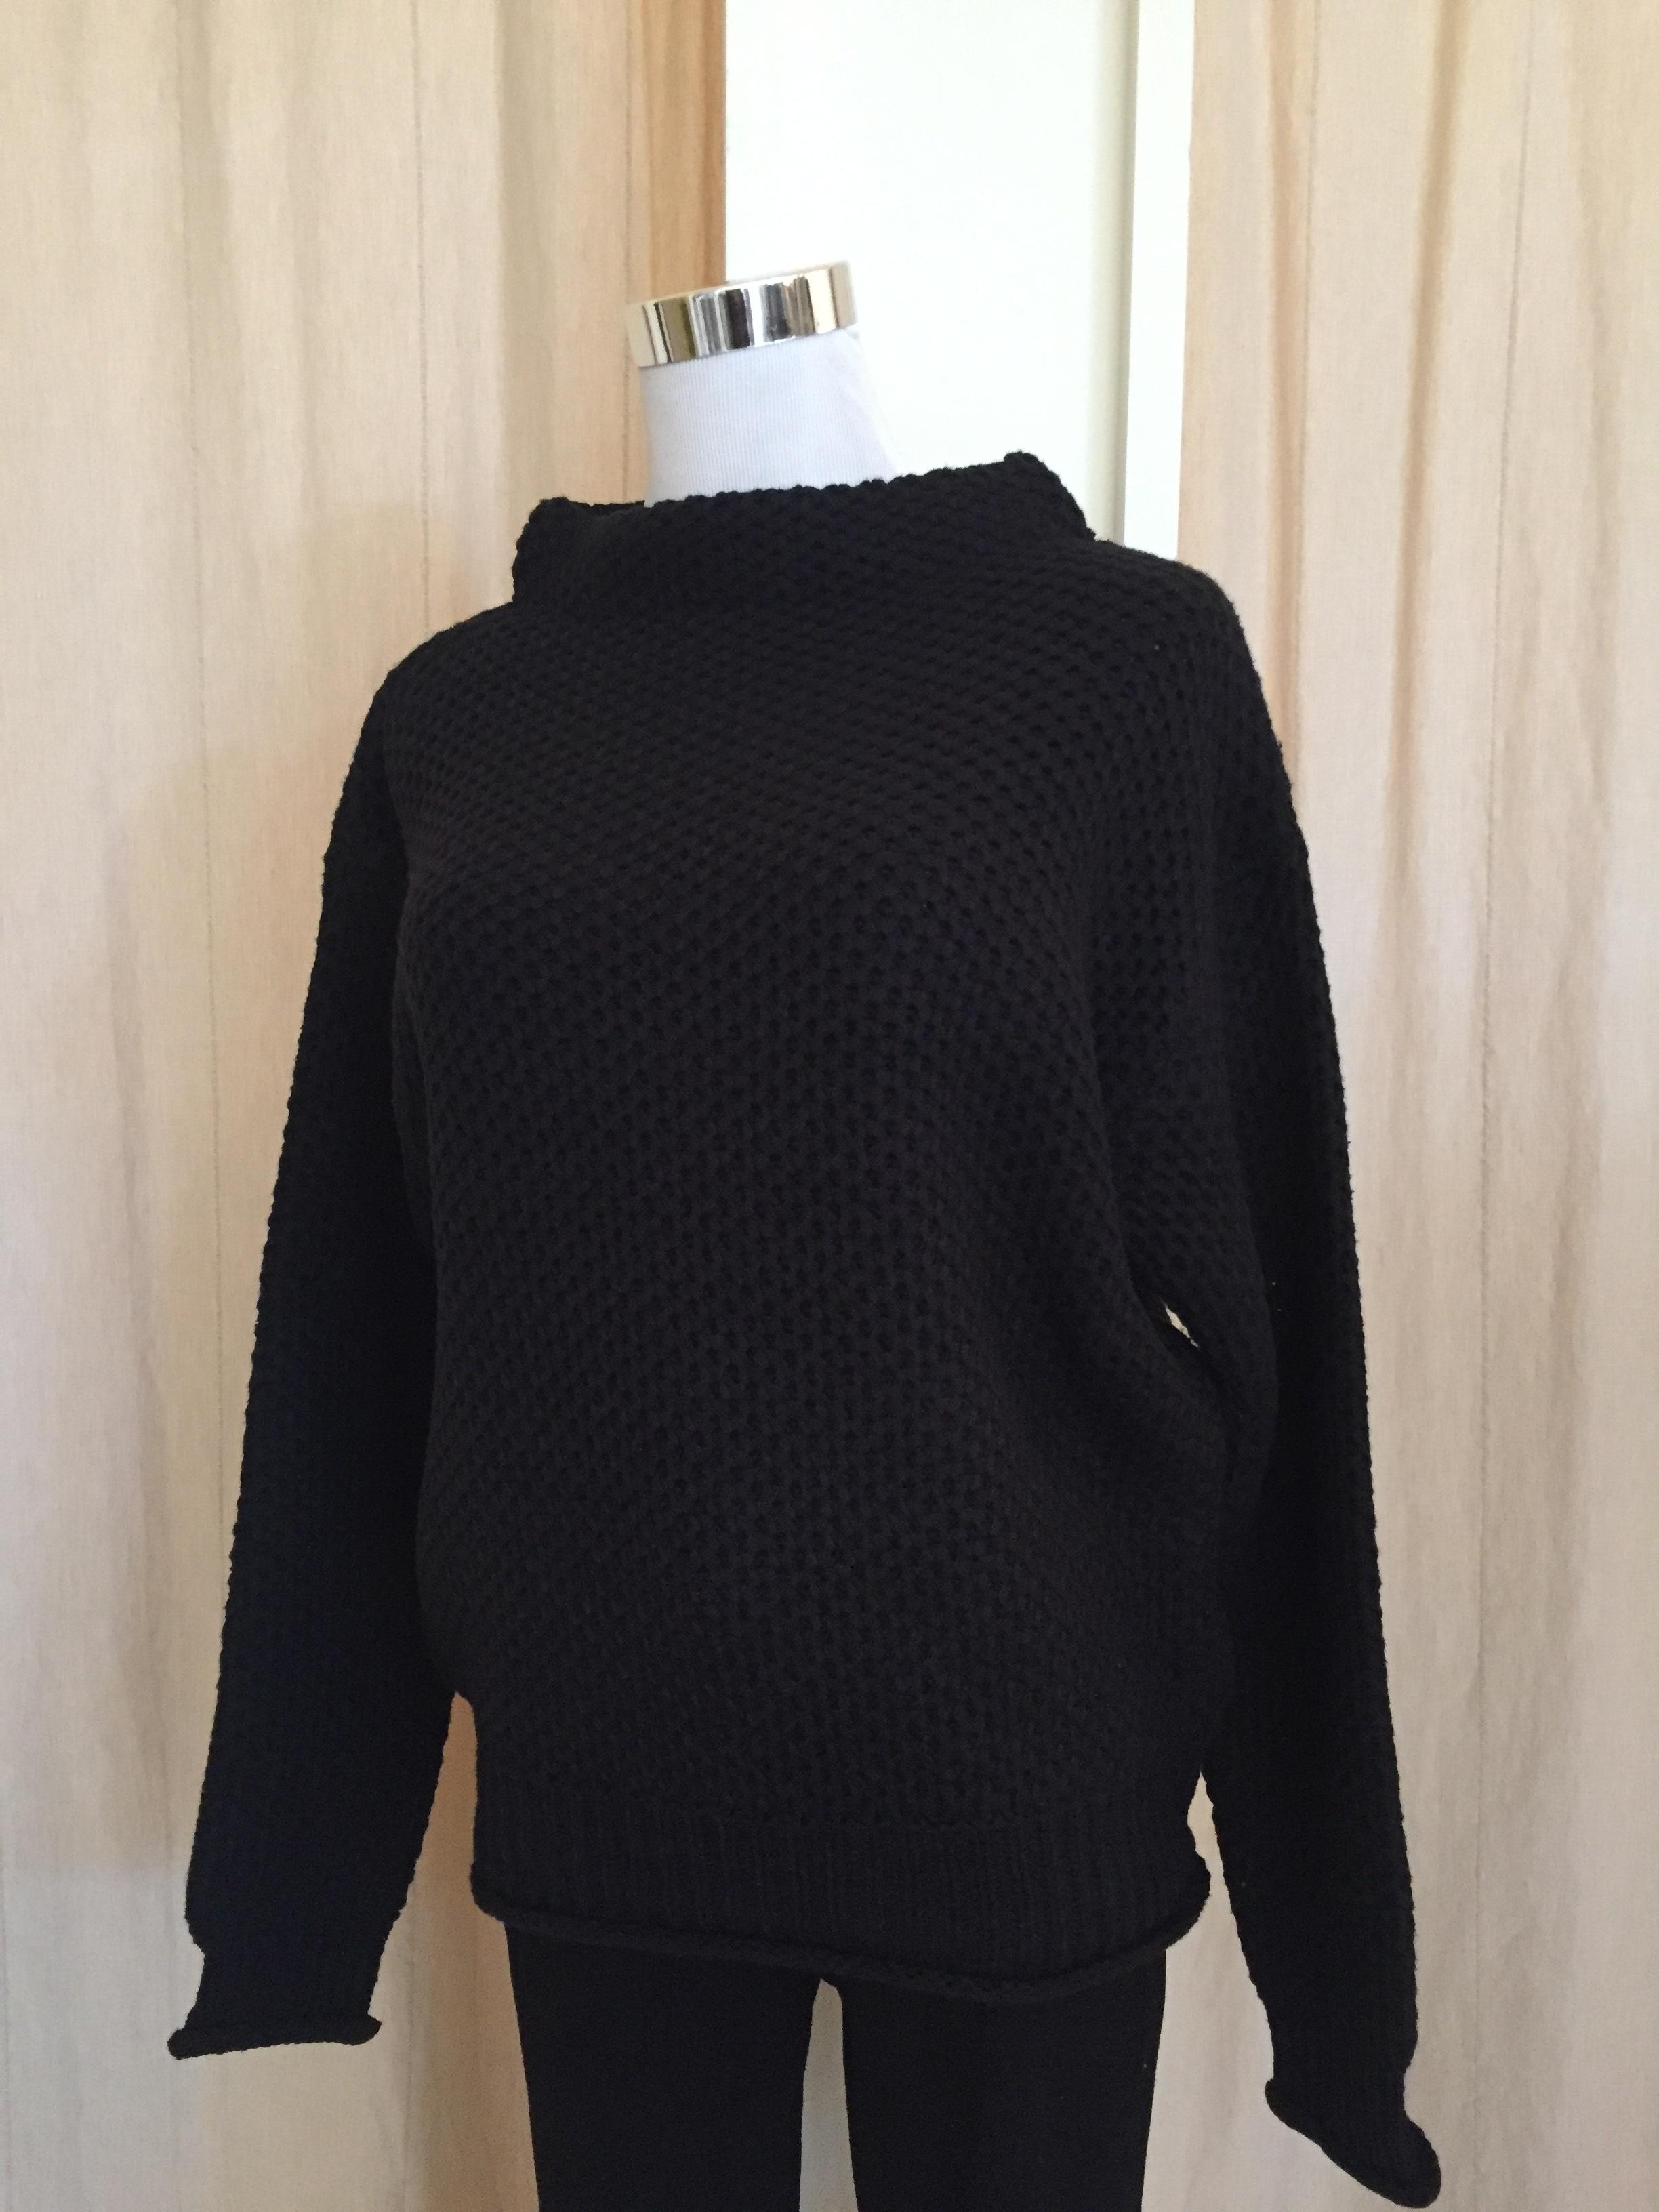 Black Boxy Sweater ($42)